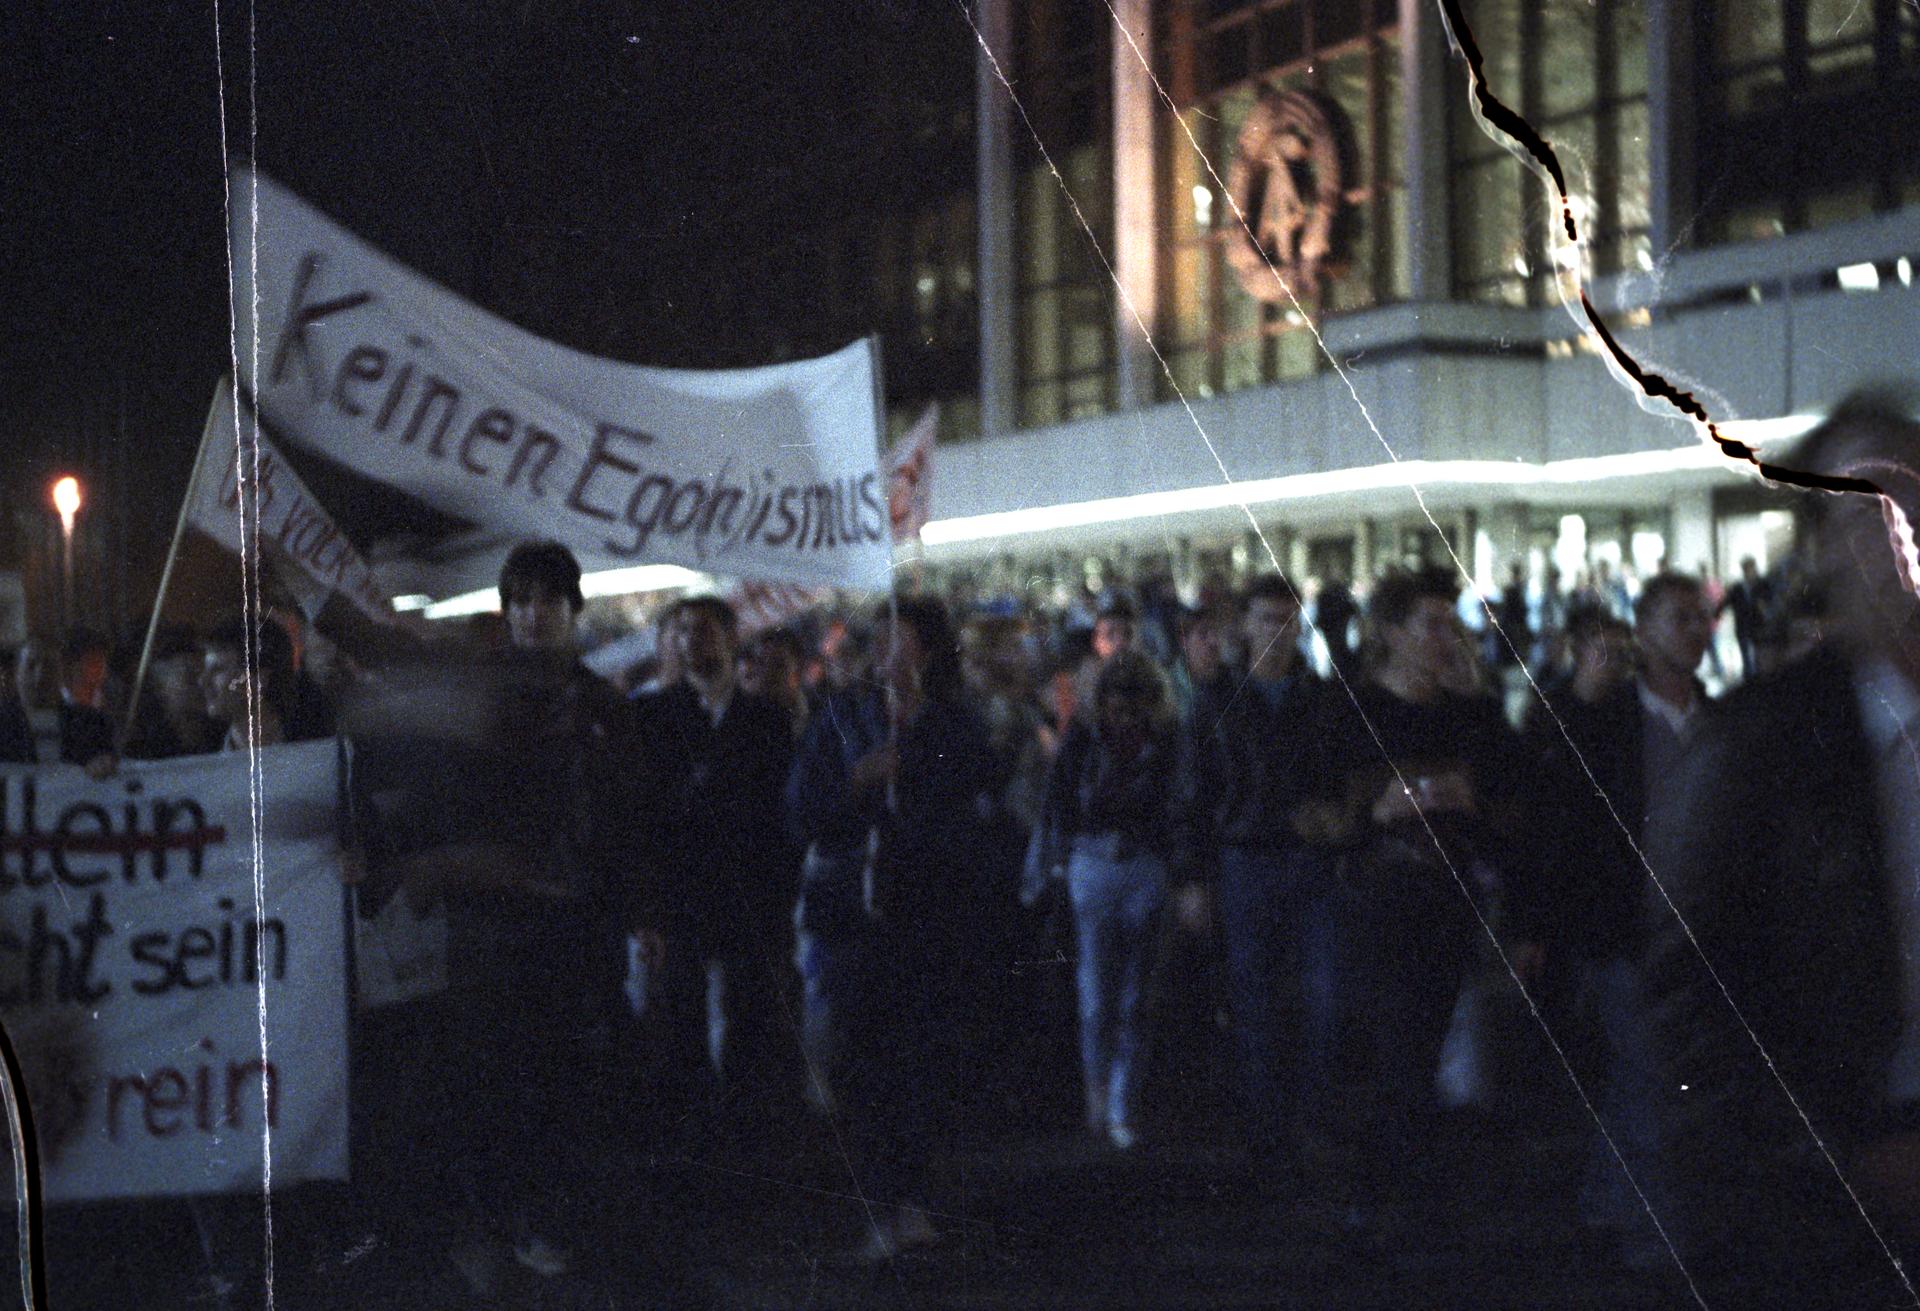 Ein Demonstrationszug vor dem Palast der Republik in Berlin-Mitte am Abend des 24. Oktober 1989 aus Protest gegen die Ernennung von Egon Krenz zum neuen Staatschef der DDR. Die Menschen marschieren am späten Abend, es ist dunkel und sie halten Kerzen in der Hand. Im Hintergrund ist der Palast der Republik zu sehen, das Staatswappen der DDR mit Hammer, Zirkel und Ährenkranz über dem Eingang hell erleuchtet. Die Demonstranten tragen Transparente, eines davon ist lesbar. 'Keinen Ego(n)ismus' steht darauf.